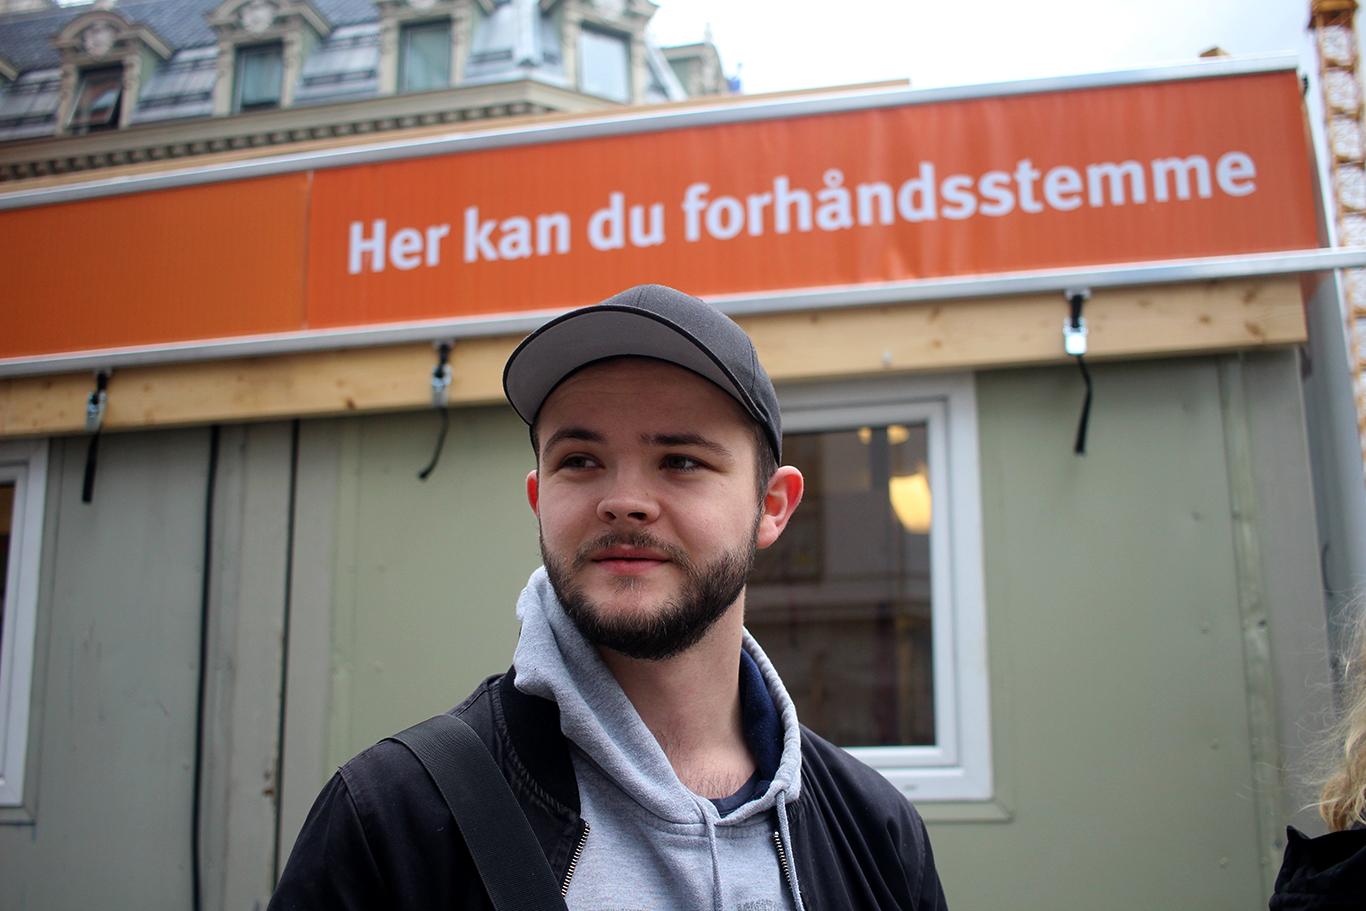 Andreas Skuggen (25) frå Ørskog førehandsstemte på Egertorget i Oslo på fredag.